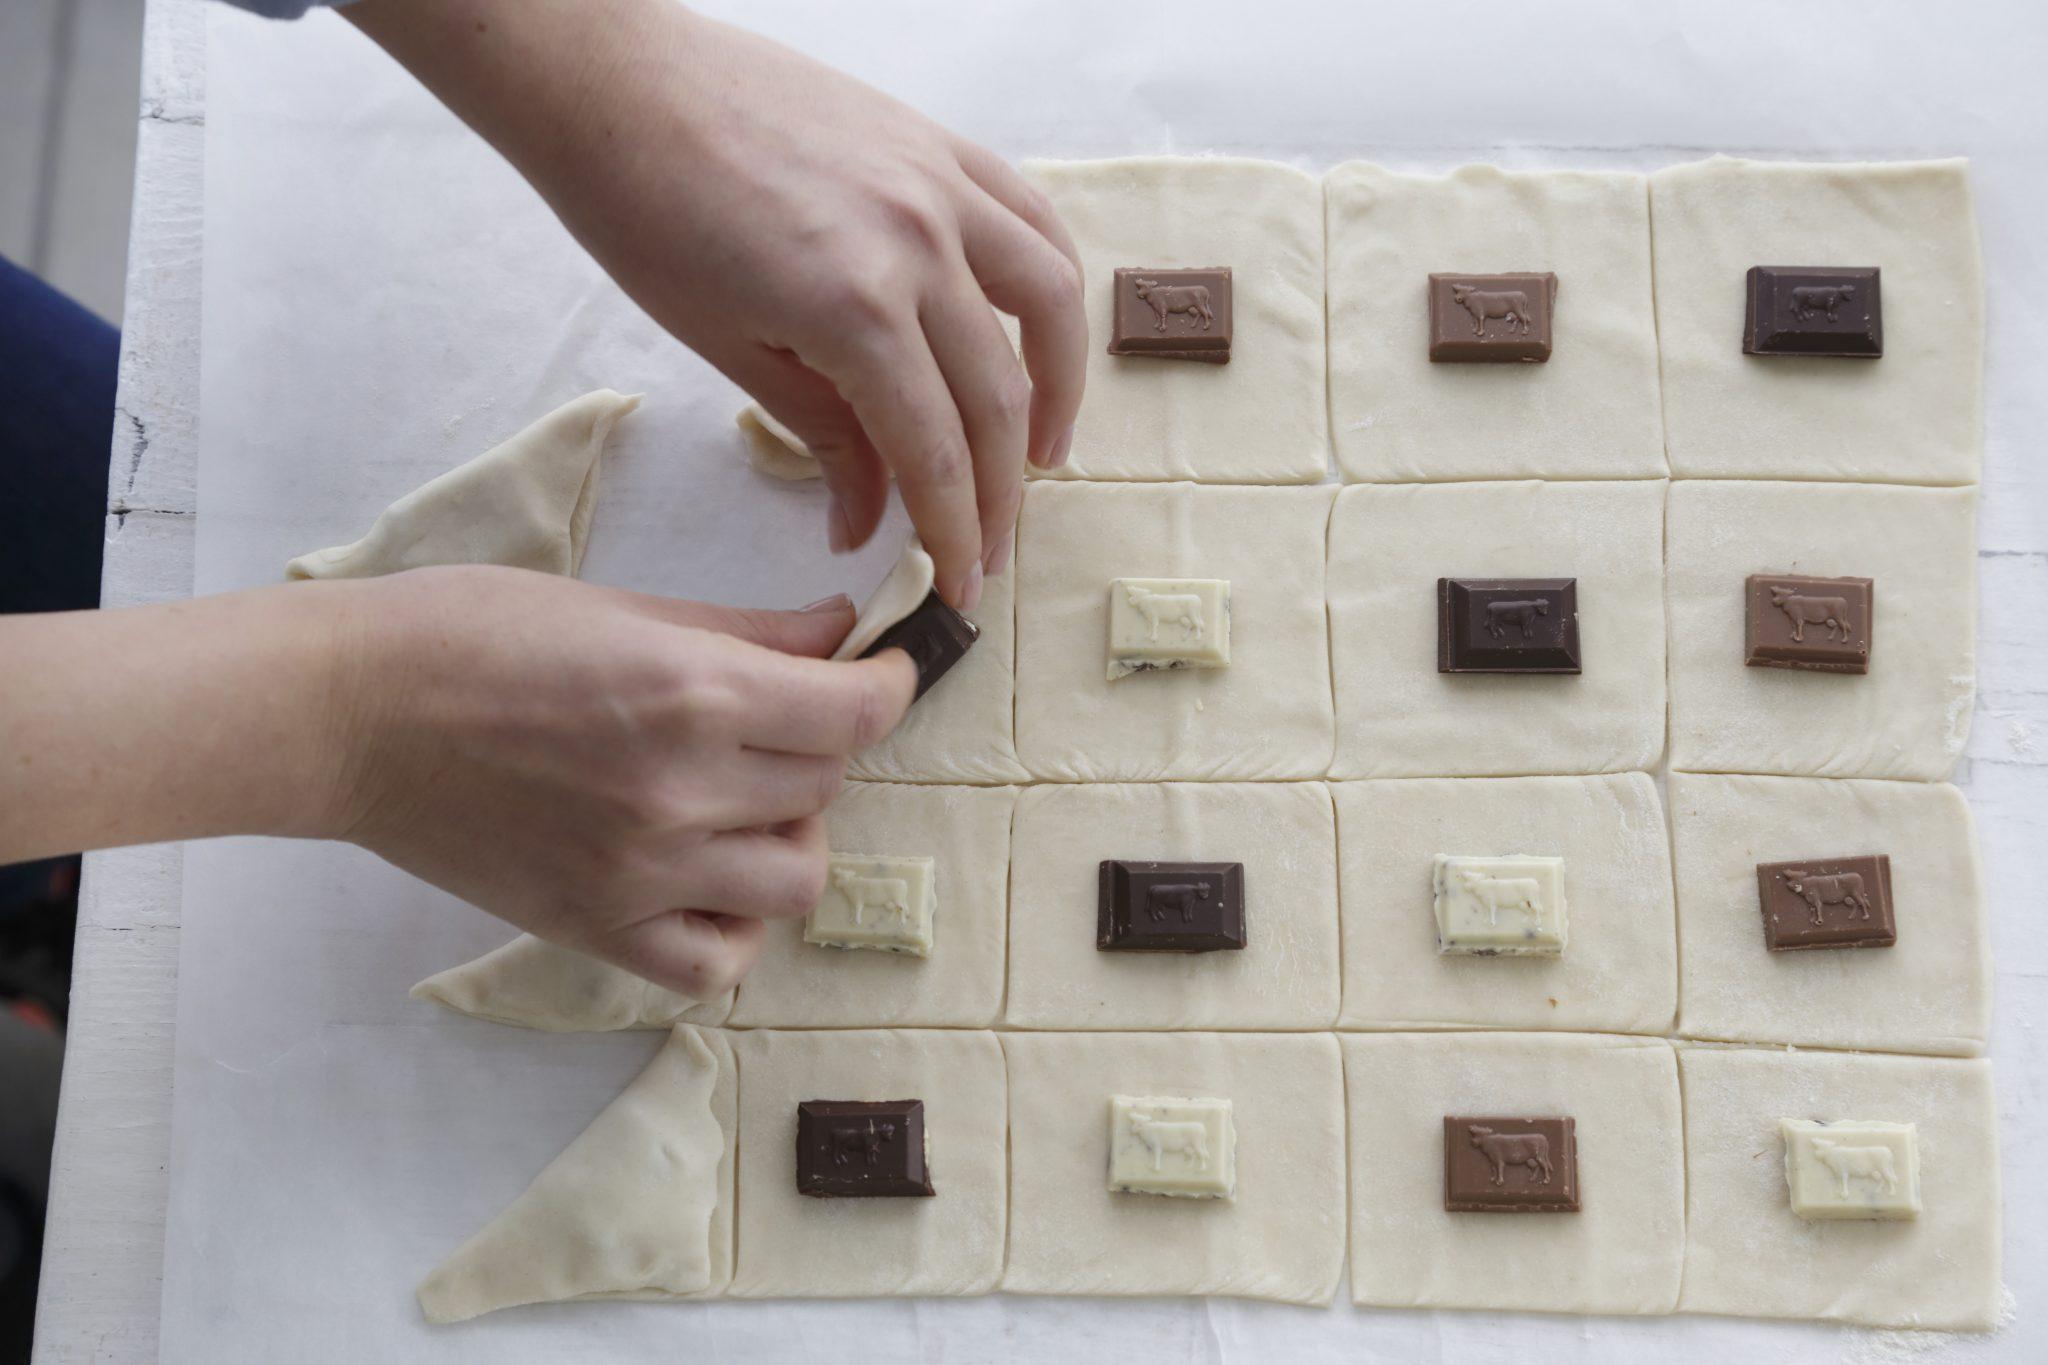 מניחים במרכז כל ריבוע קוביית שוקולד.